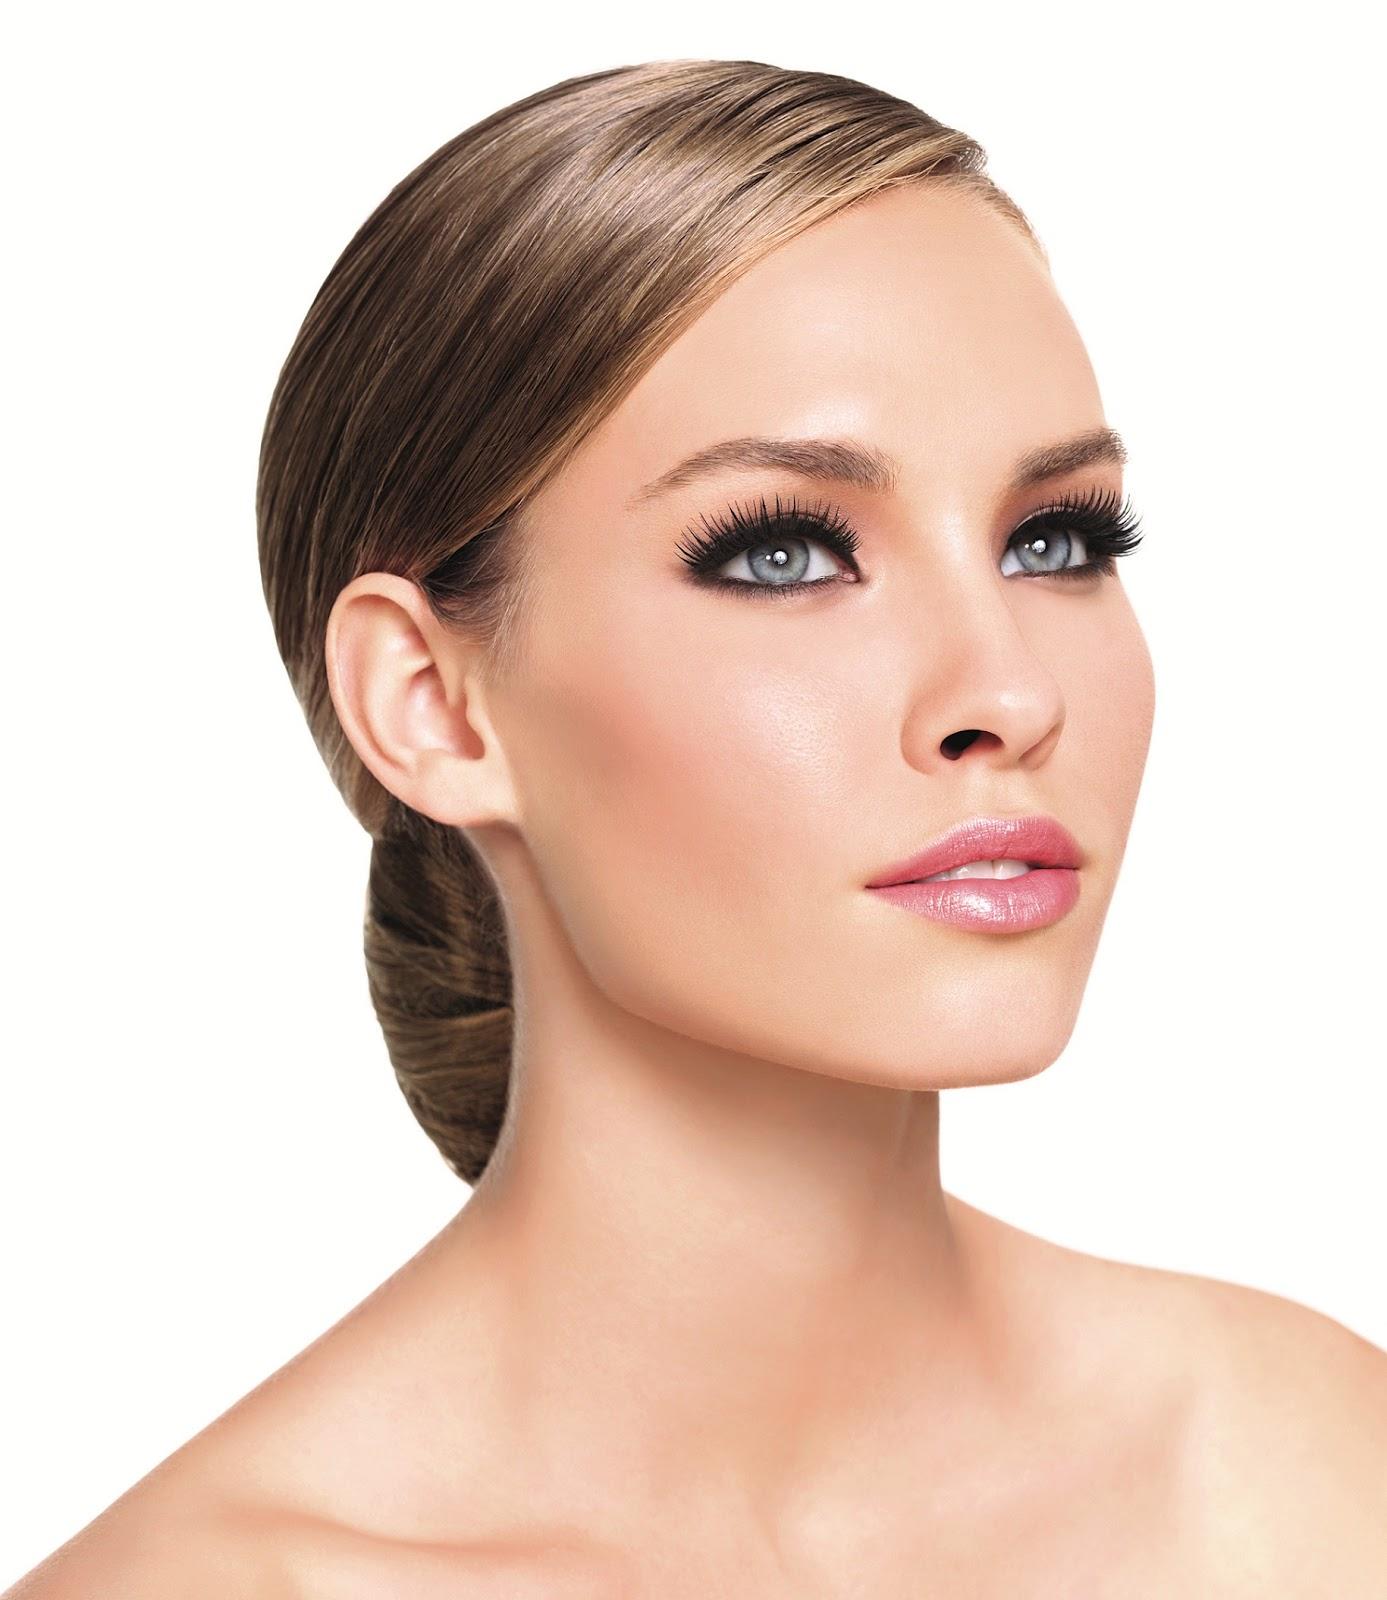 Moda y belleza consejos de maquillaje y peinados starmedia - Consejos de peinados ...